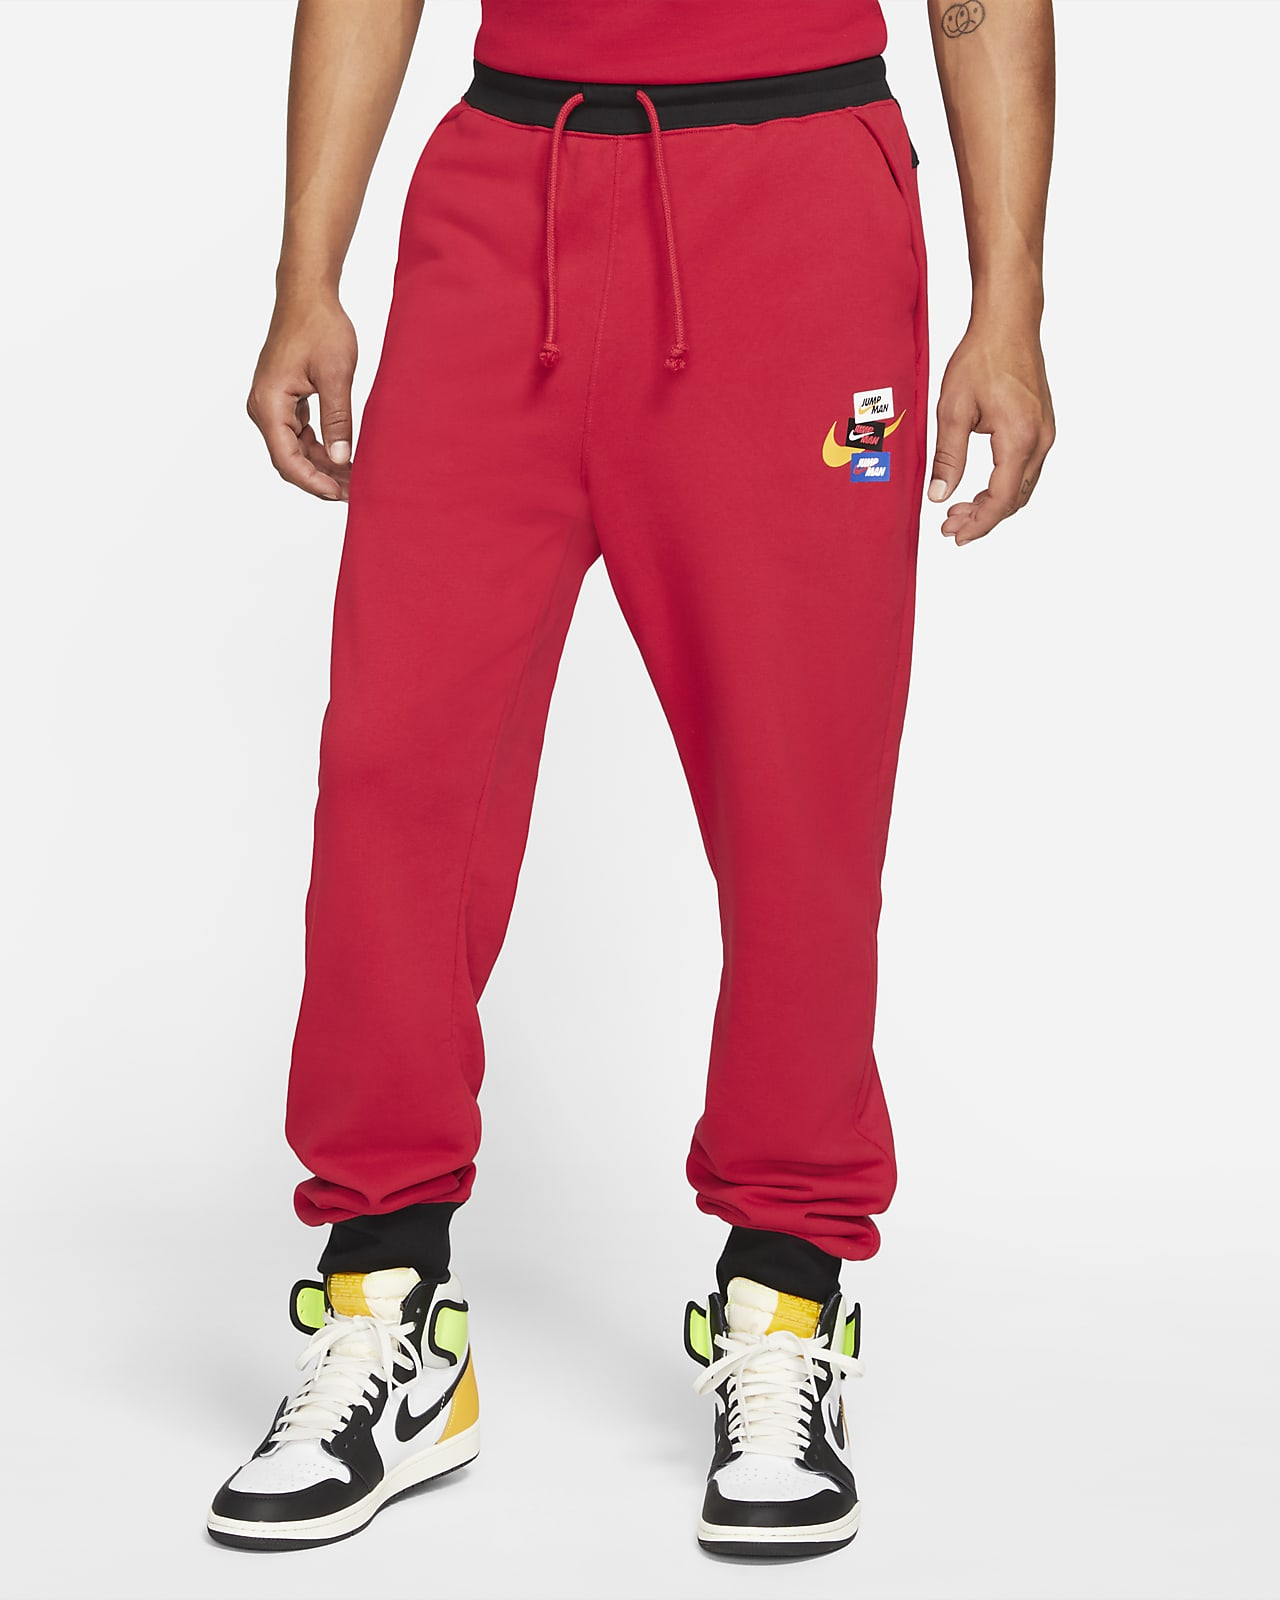 Pantaloni Jordan Jumpman - Uomo